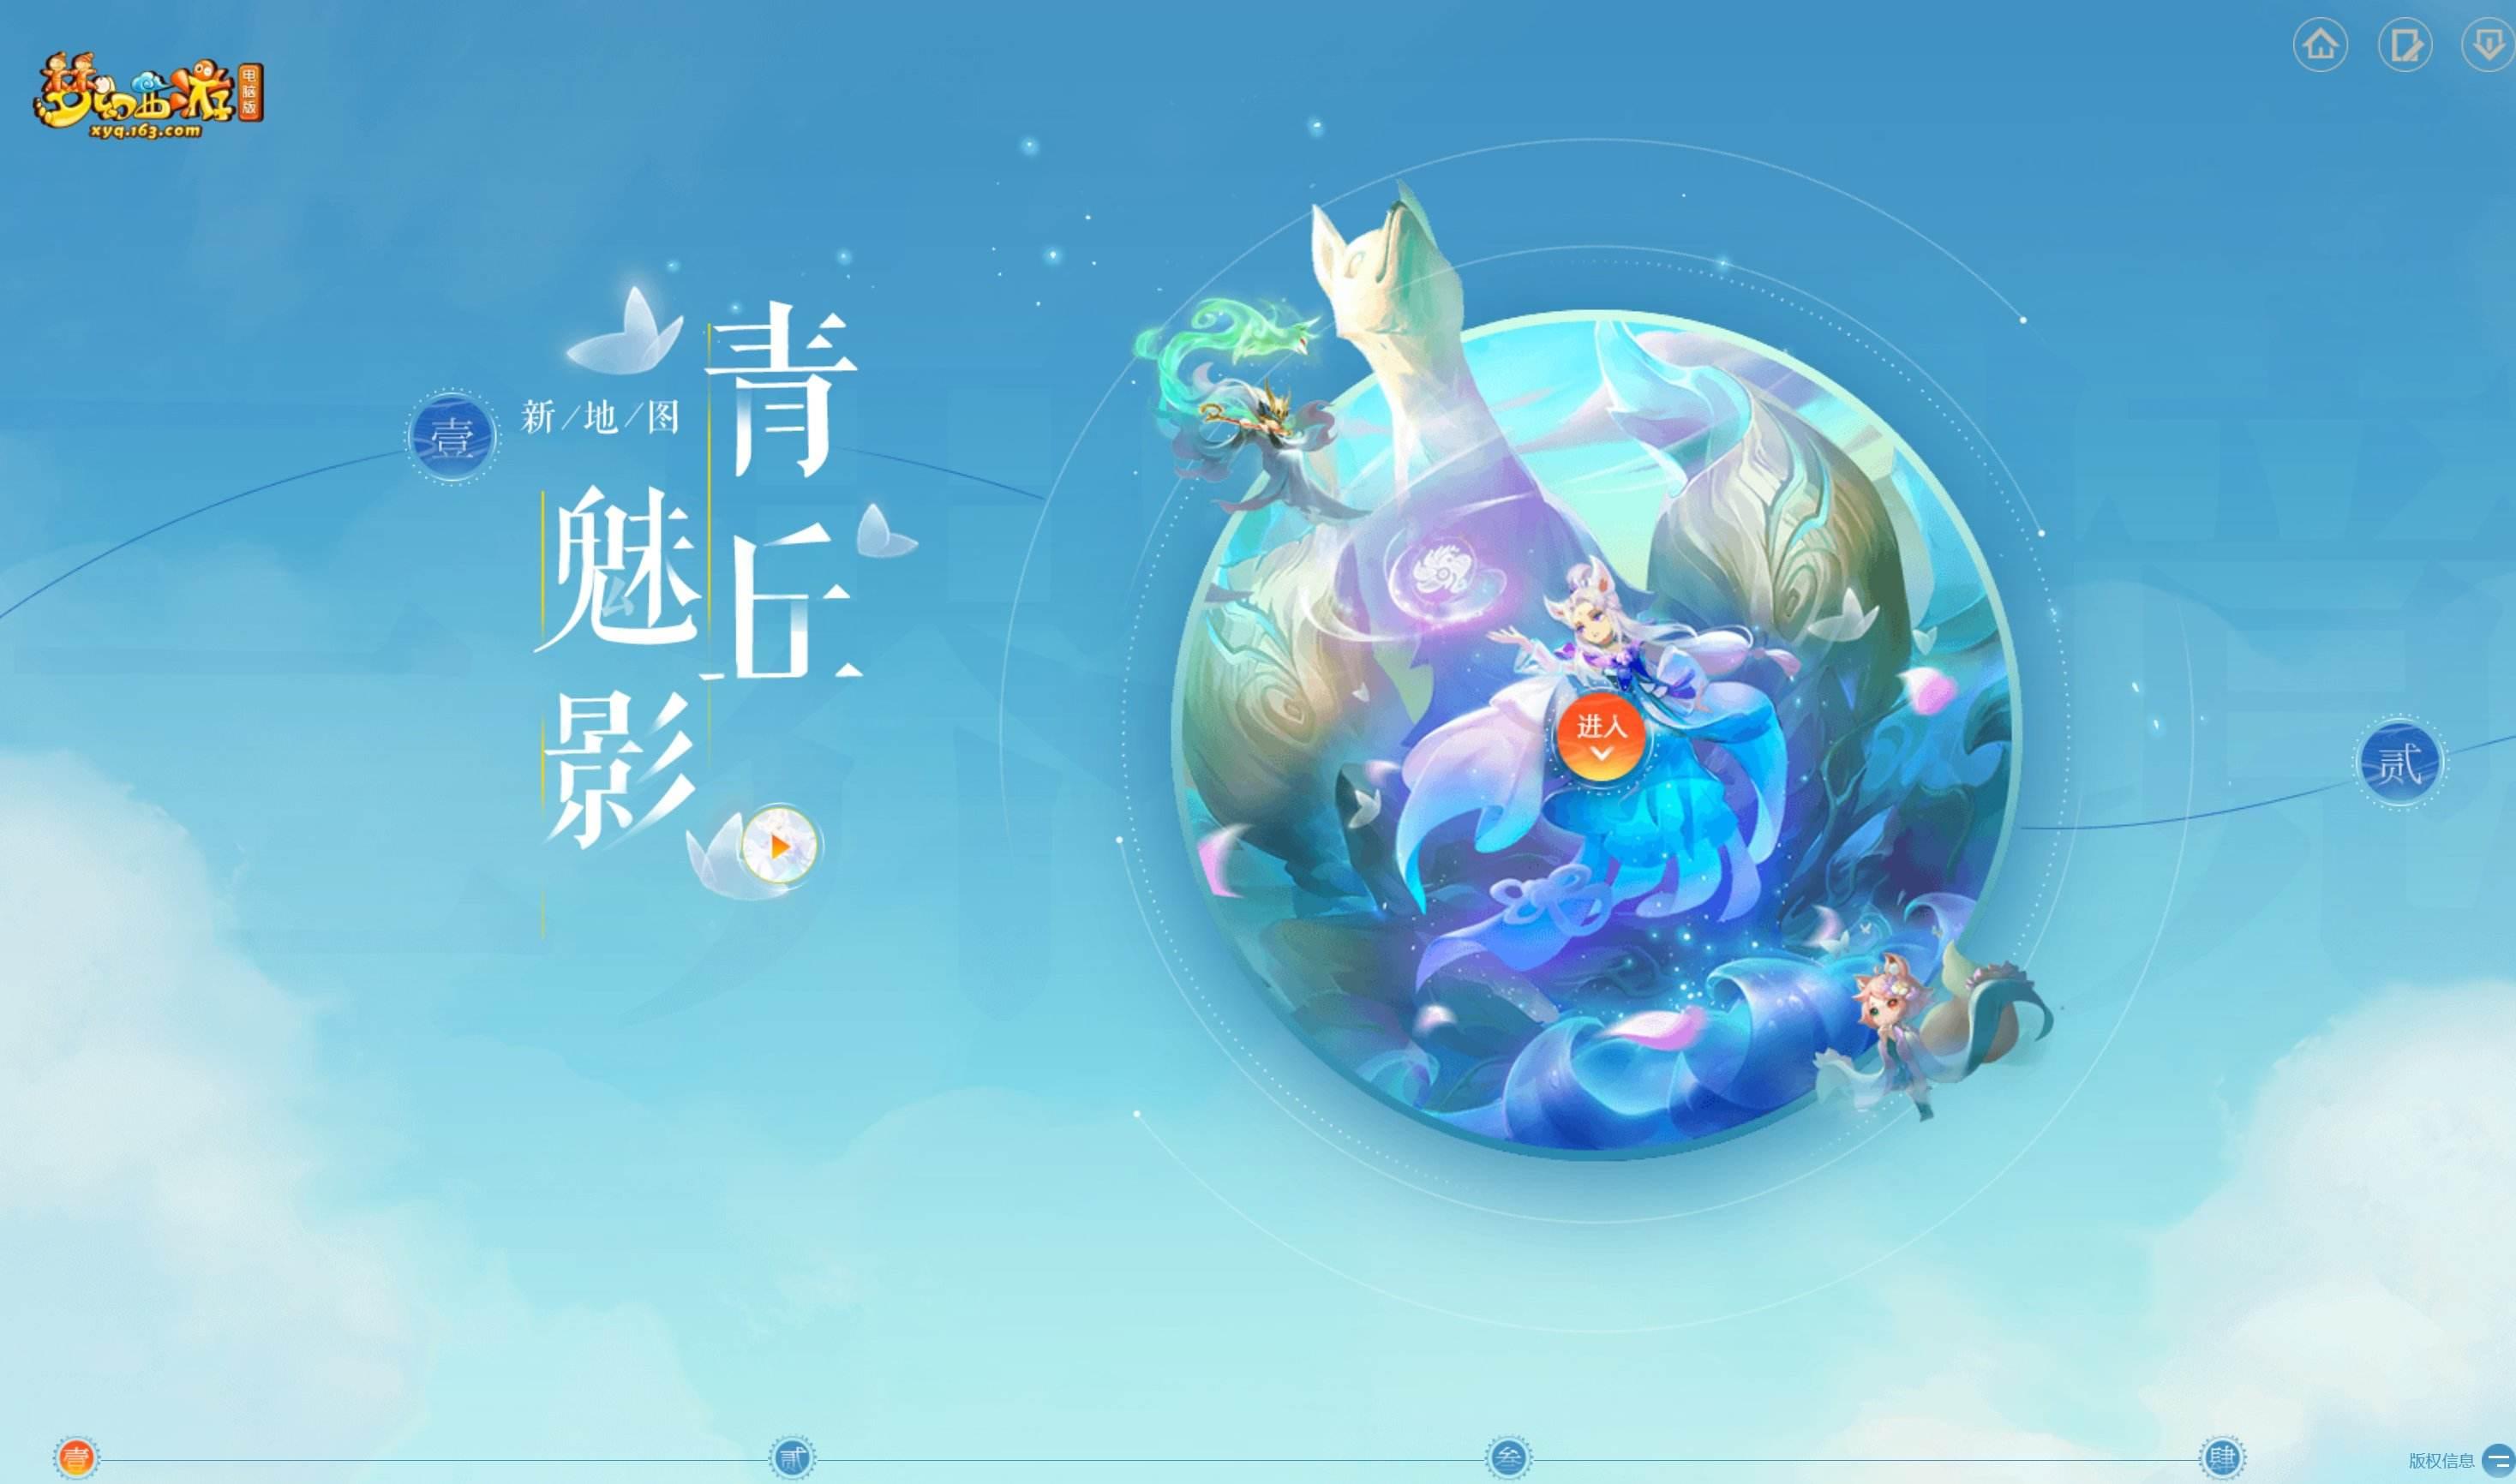 邂逅新精彩,《梦幻西游》电脑版新资料片三界奇境12月31日全服上线